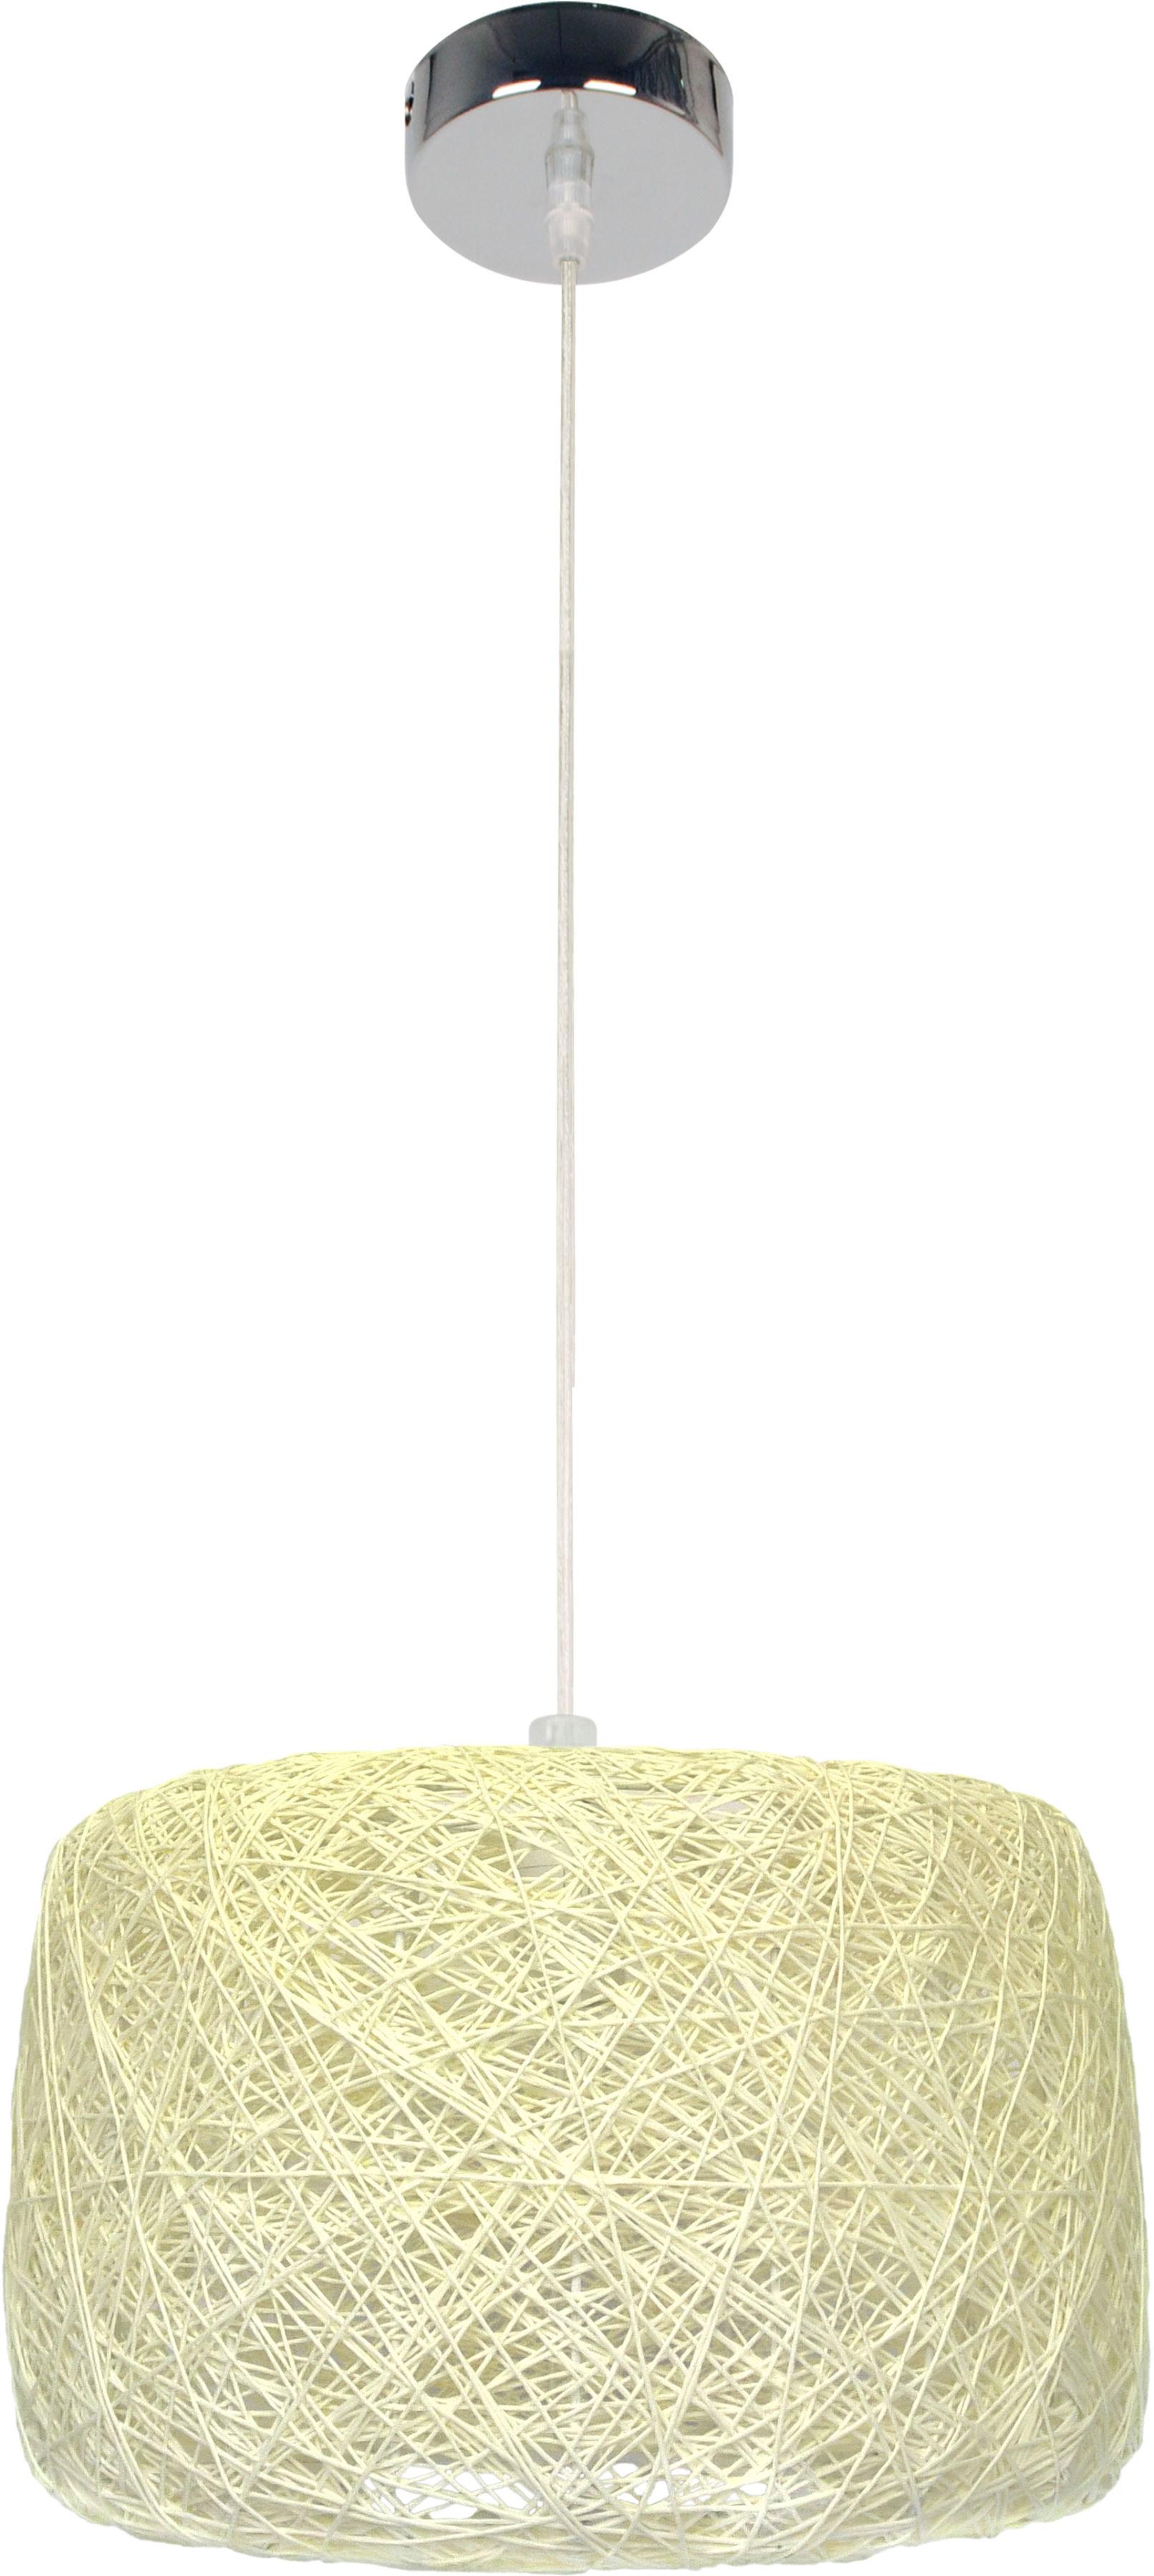 Candellux PANDA 31-51141 lampa wisząca abażur tkanina kremowy 1X60W E27 35 cm